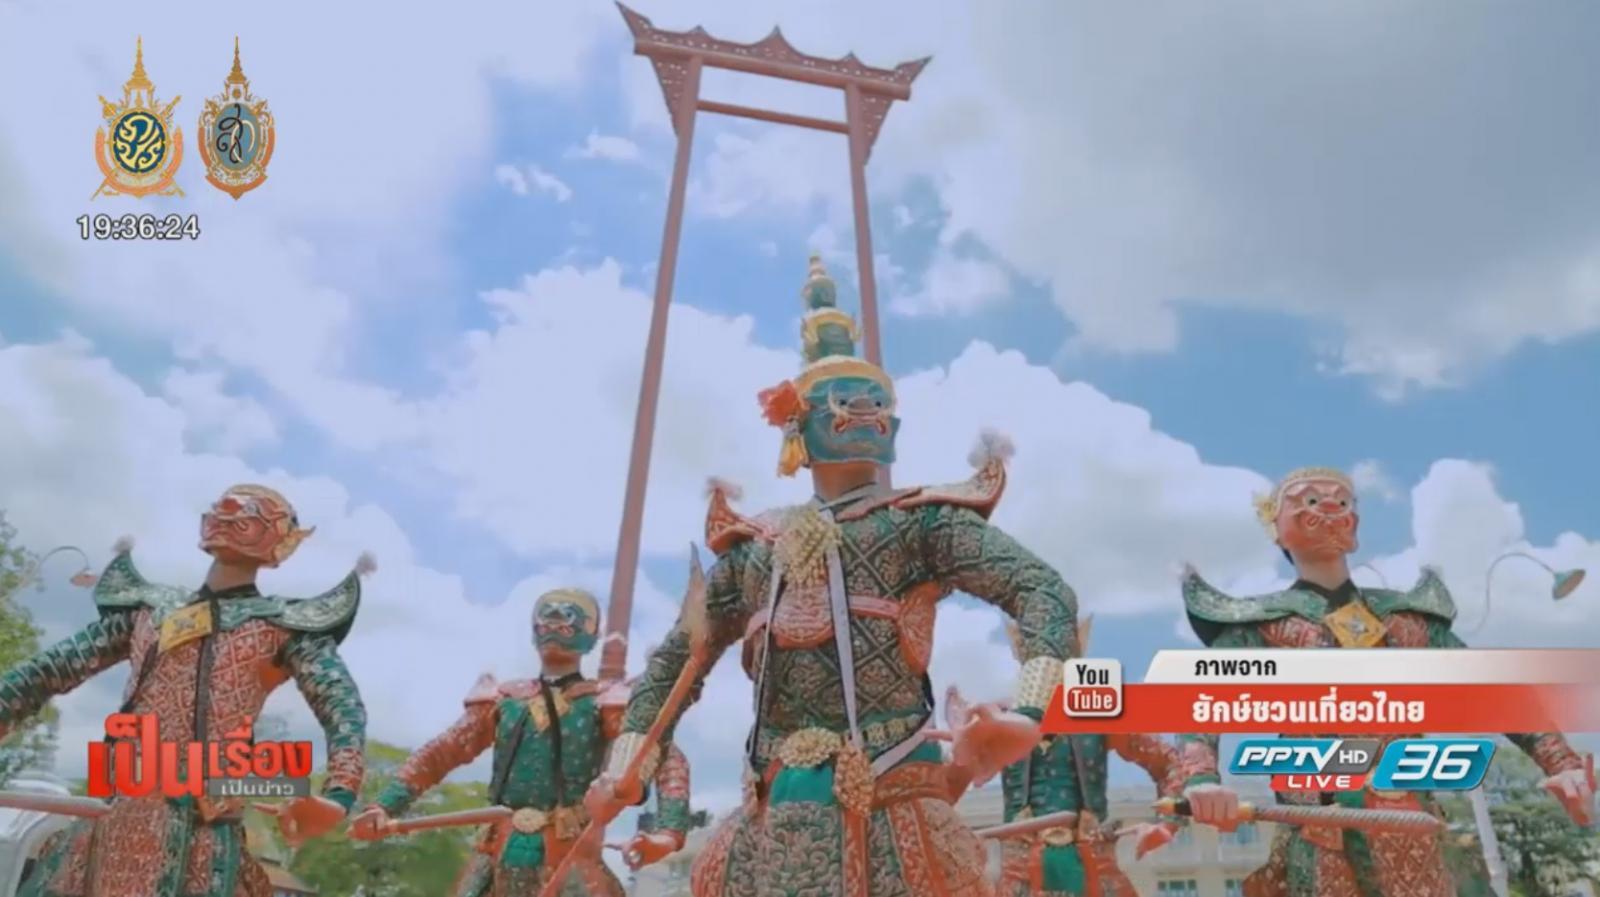 ครูโขน  รับไม่ได้ ทศกัณฐ  แคะ ขนมครก ใน MV เที่ยวไทยมีเฮ บาดใจกลุ่มอนุรักษ์วัฒนธรรม